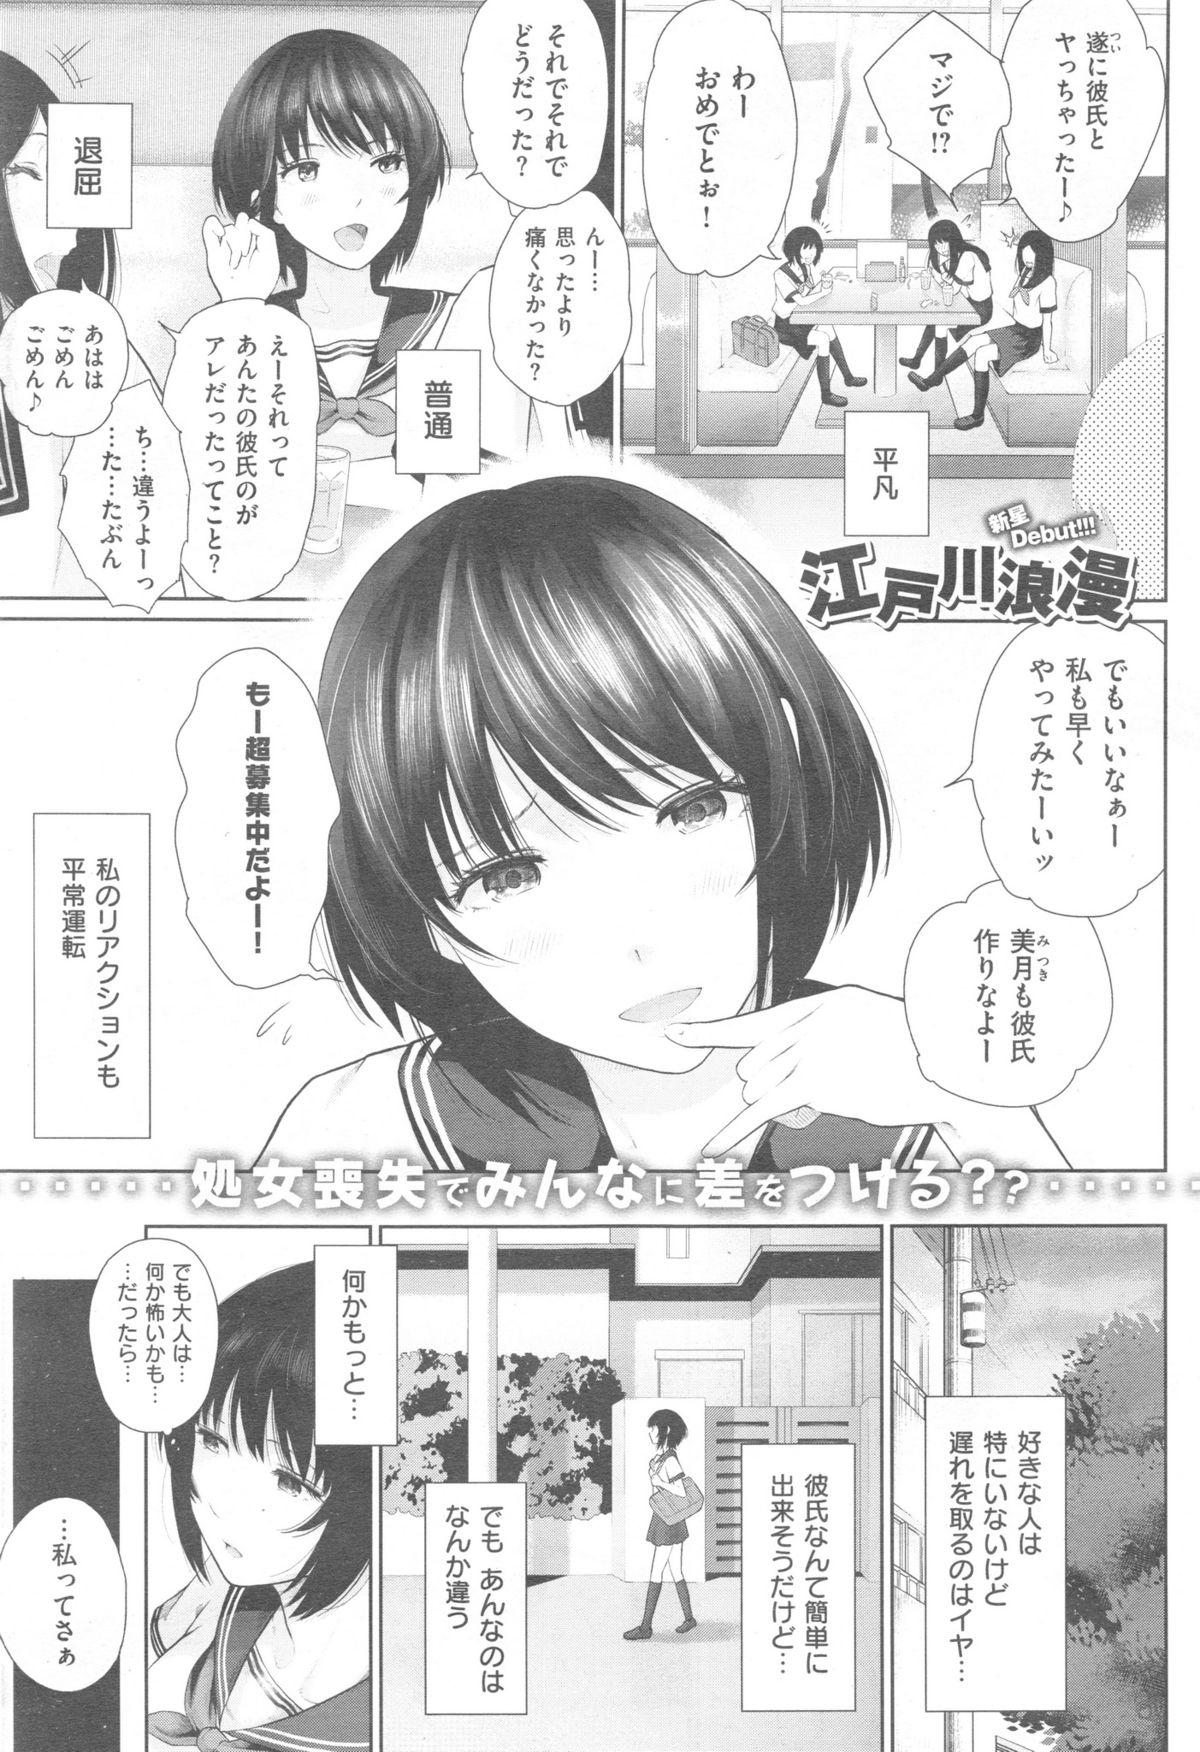 COMIC Kairakuten XTC Vol. 5 229